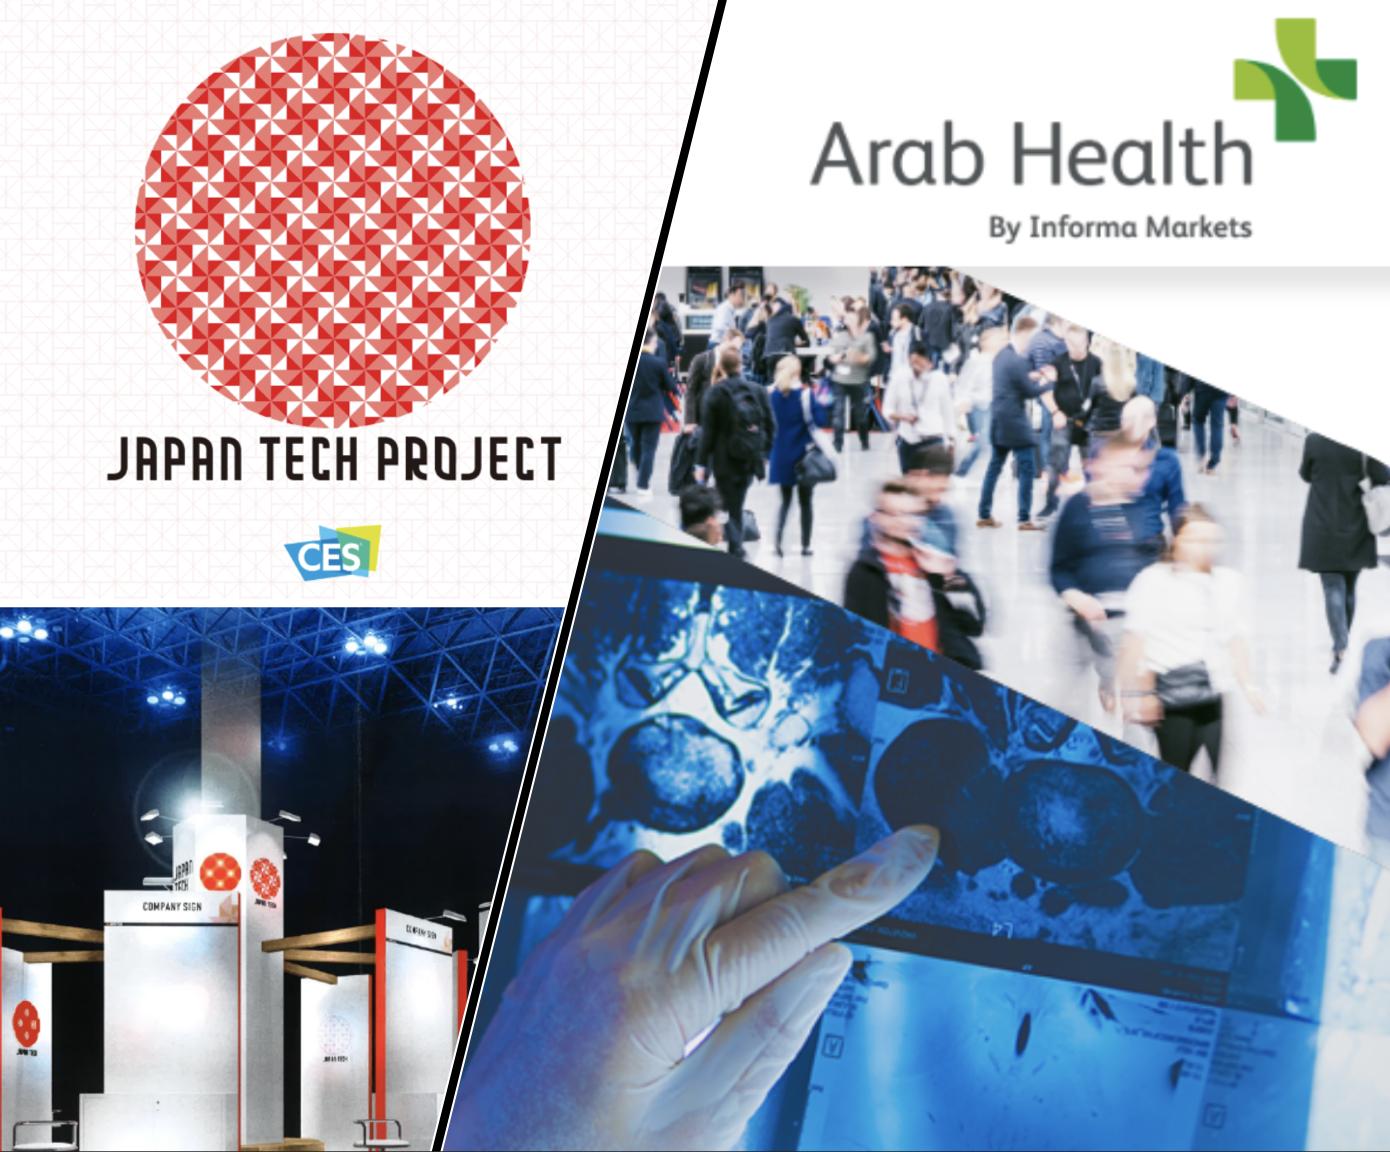 グローバル化を測るSuisonia。CESやアラブヘルスなど世界的に大規模な展示会へ出展